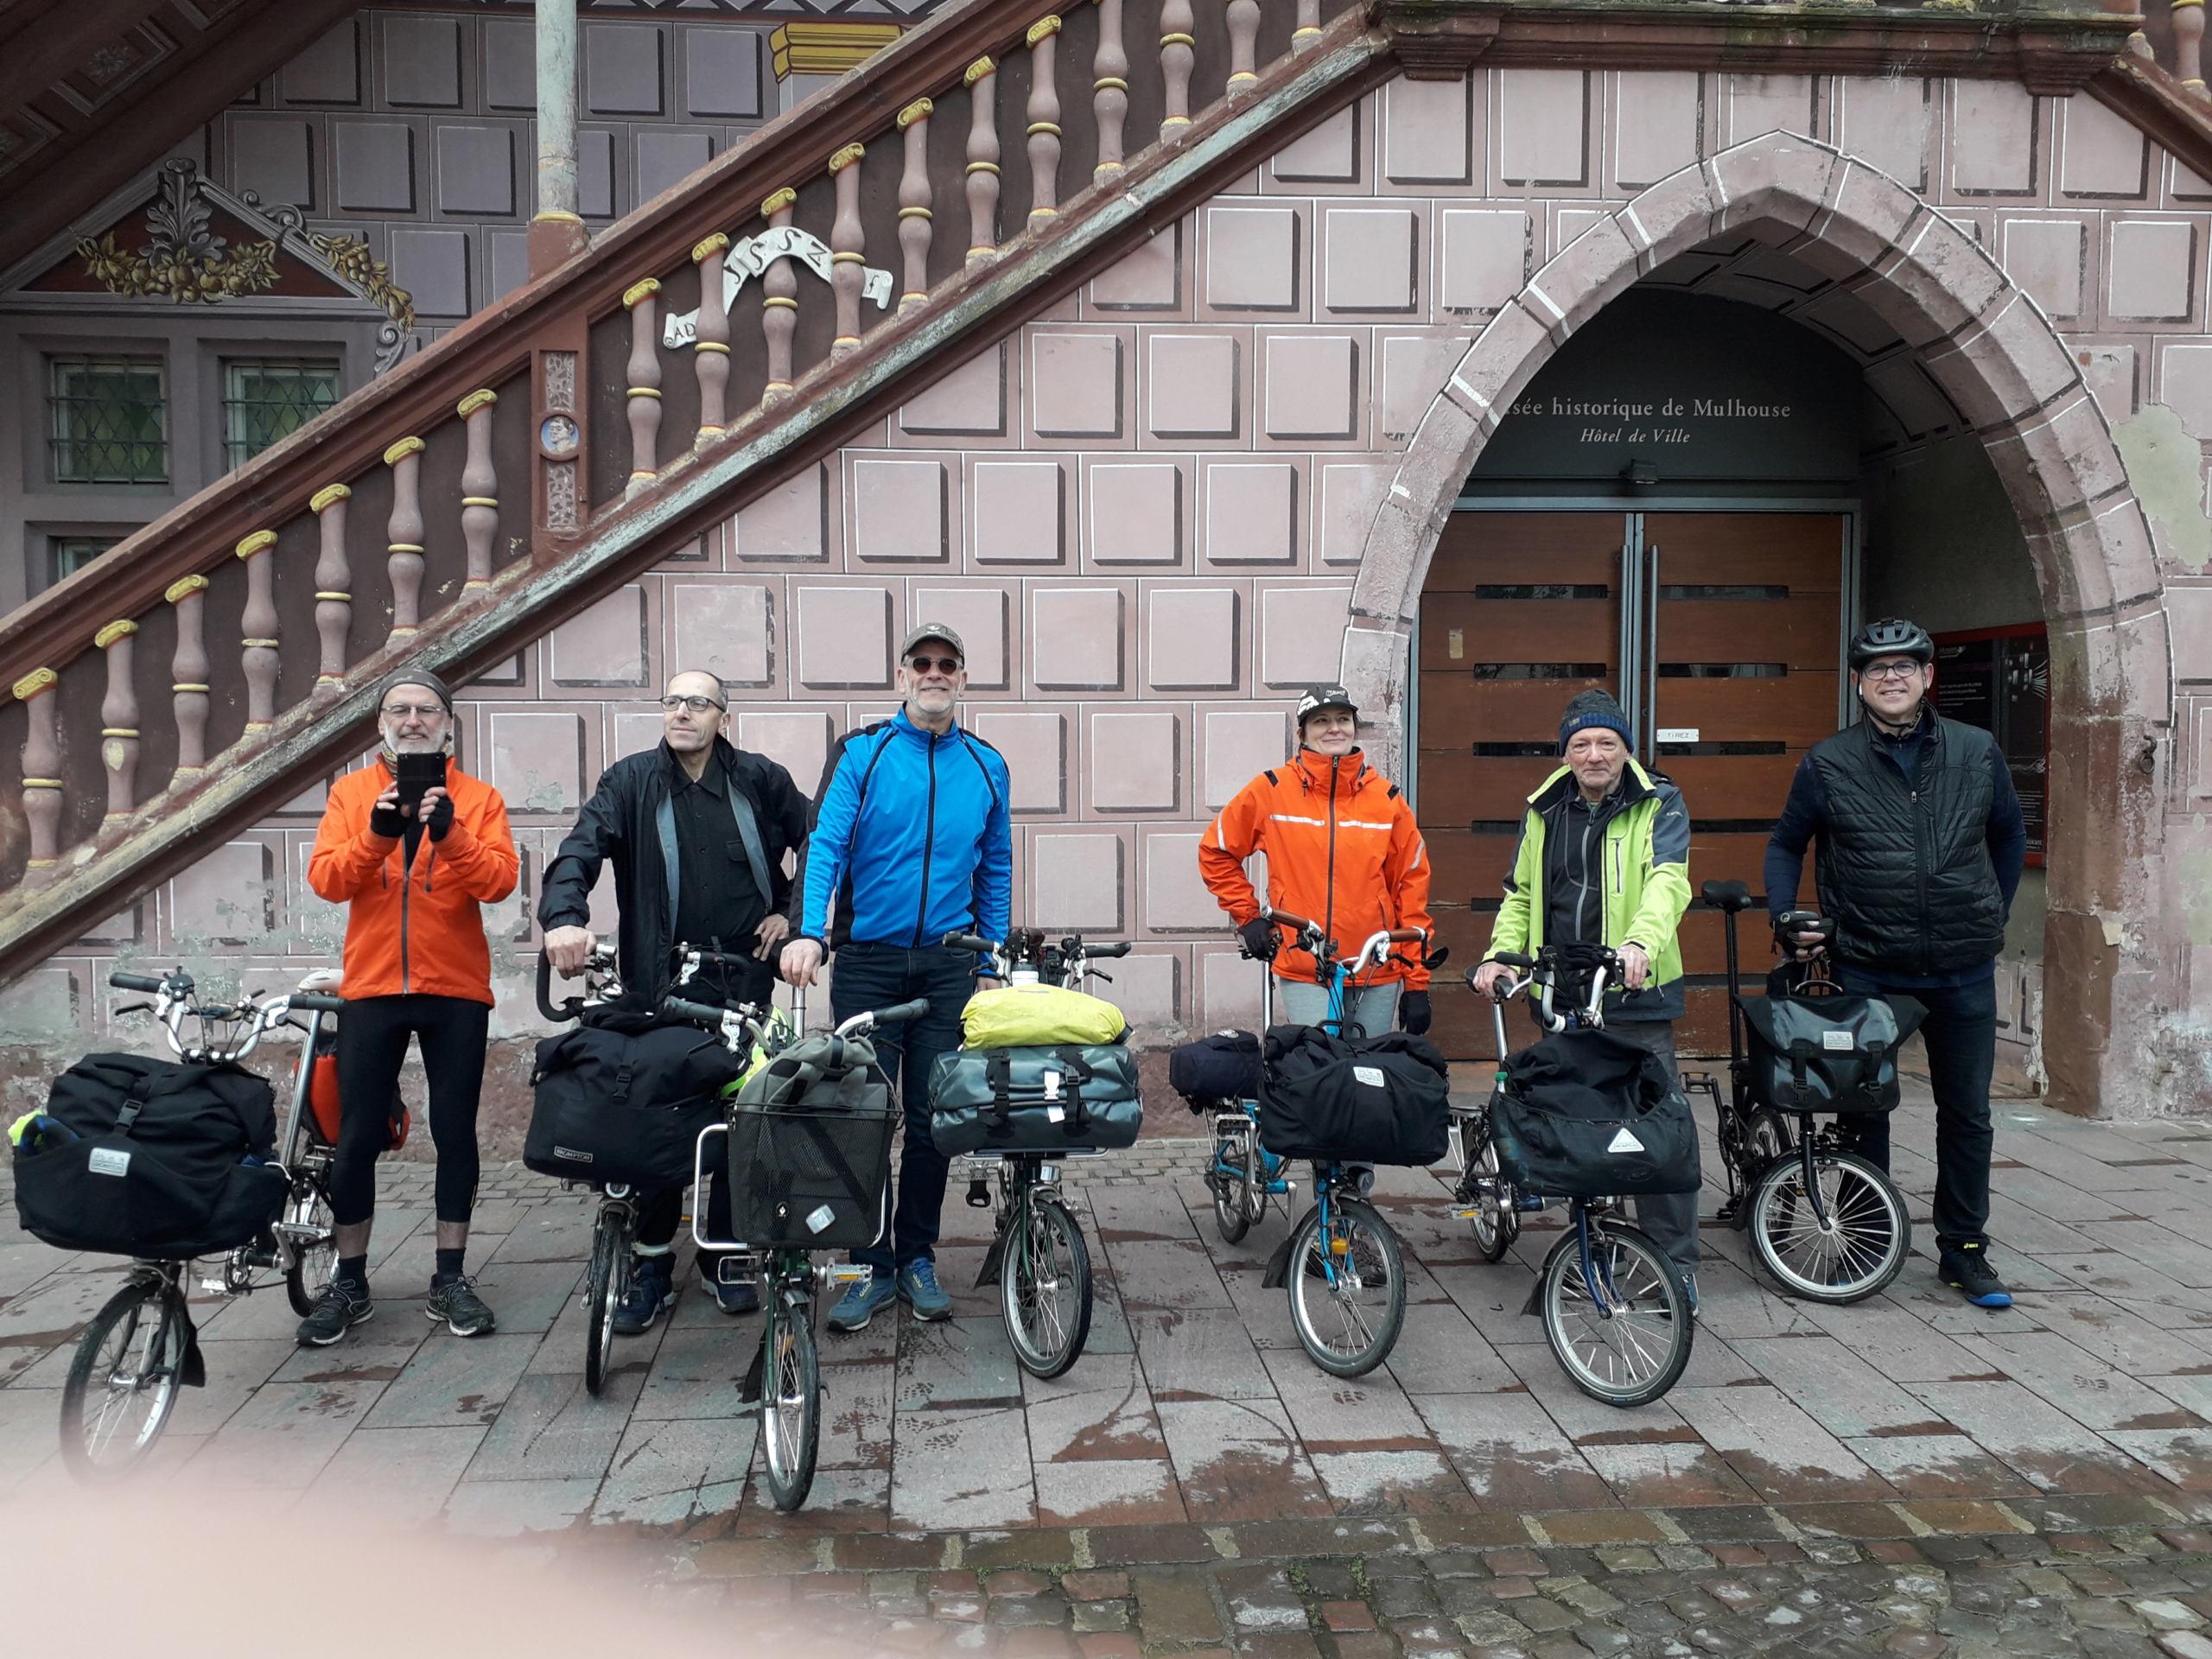 Mulhouse - Budapest sur l'EuroVélo 6 [12 mai au 3 juin 2019] saison 14 •Bƒ   20190550